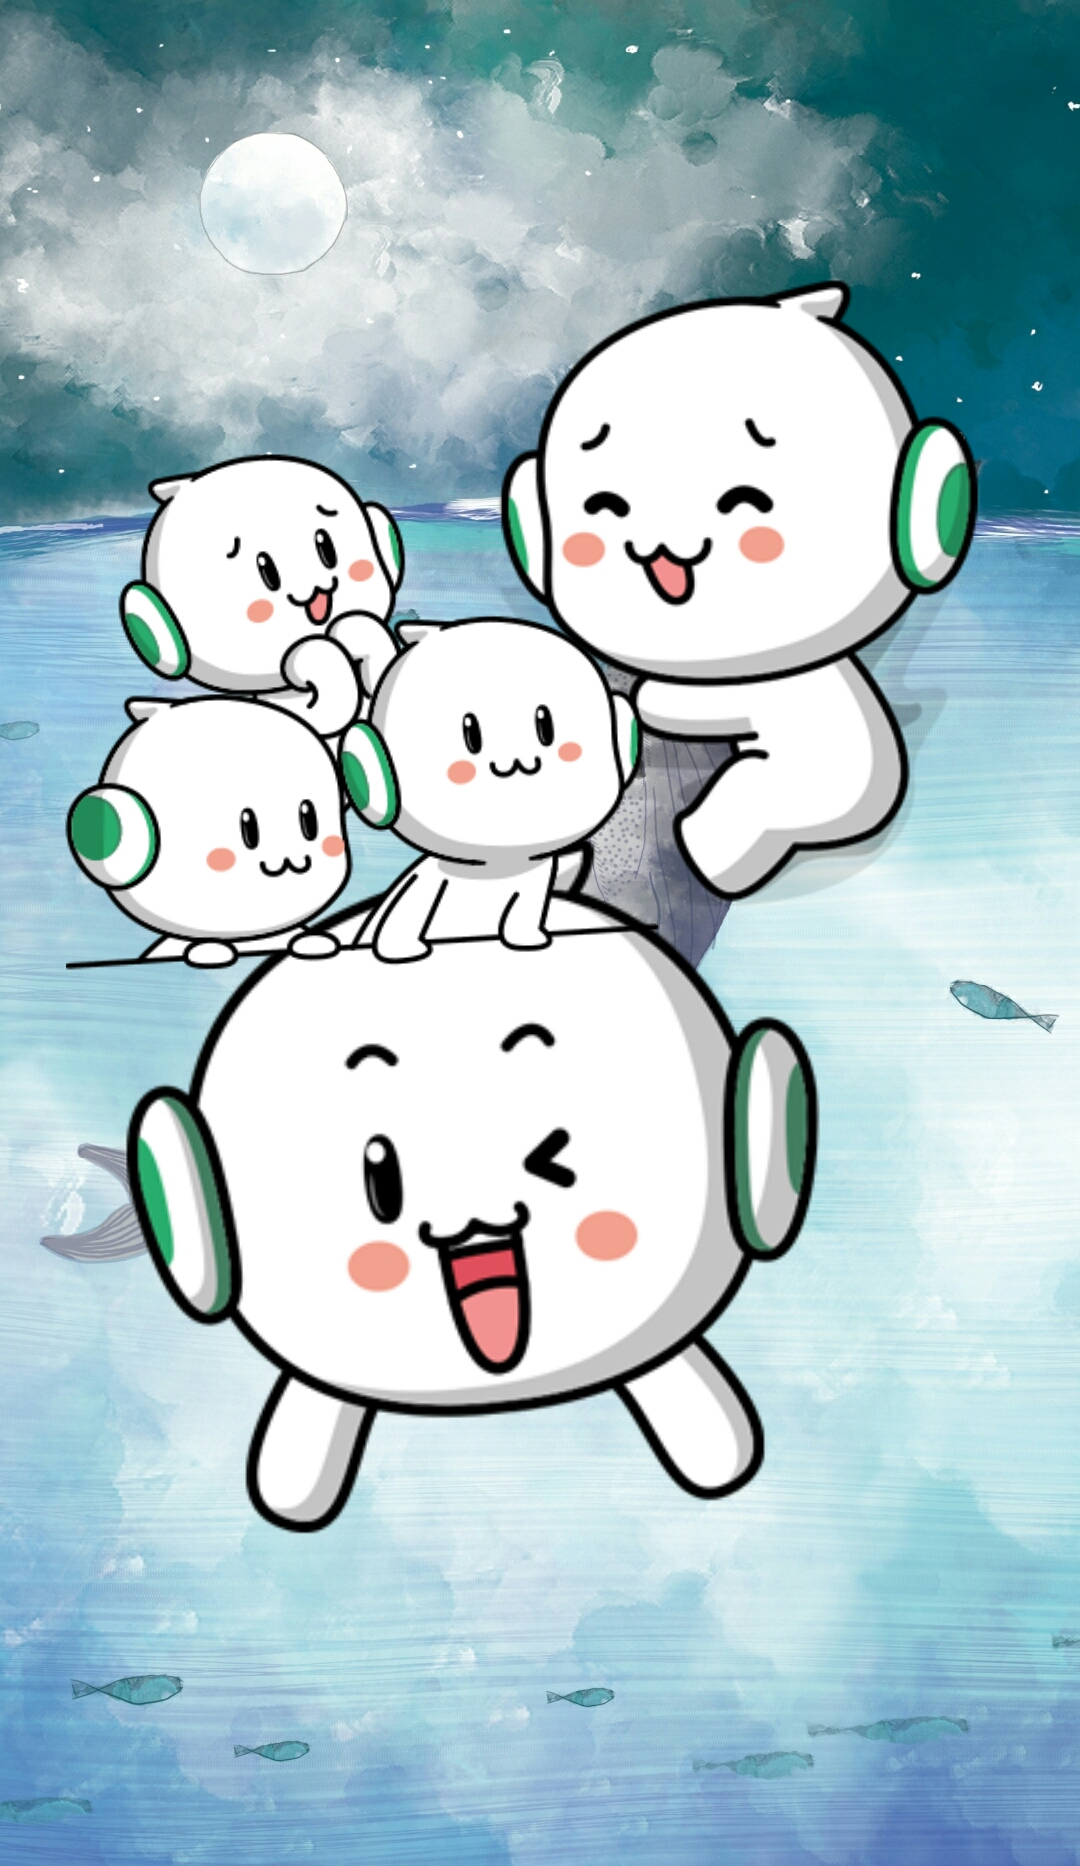 小欧_帖子_oppo手机官方社区